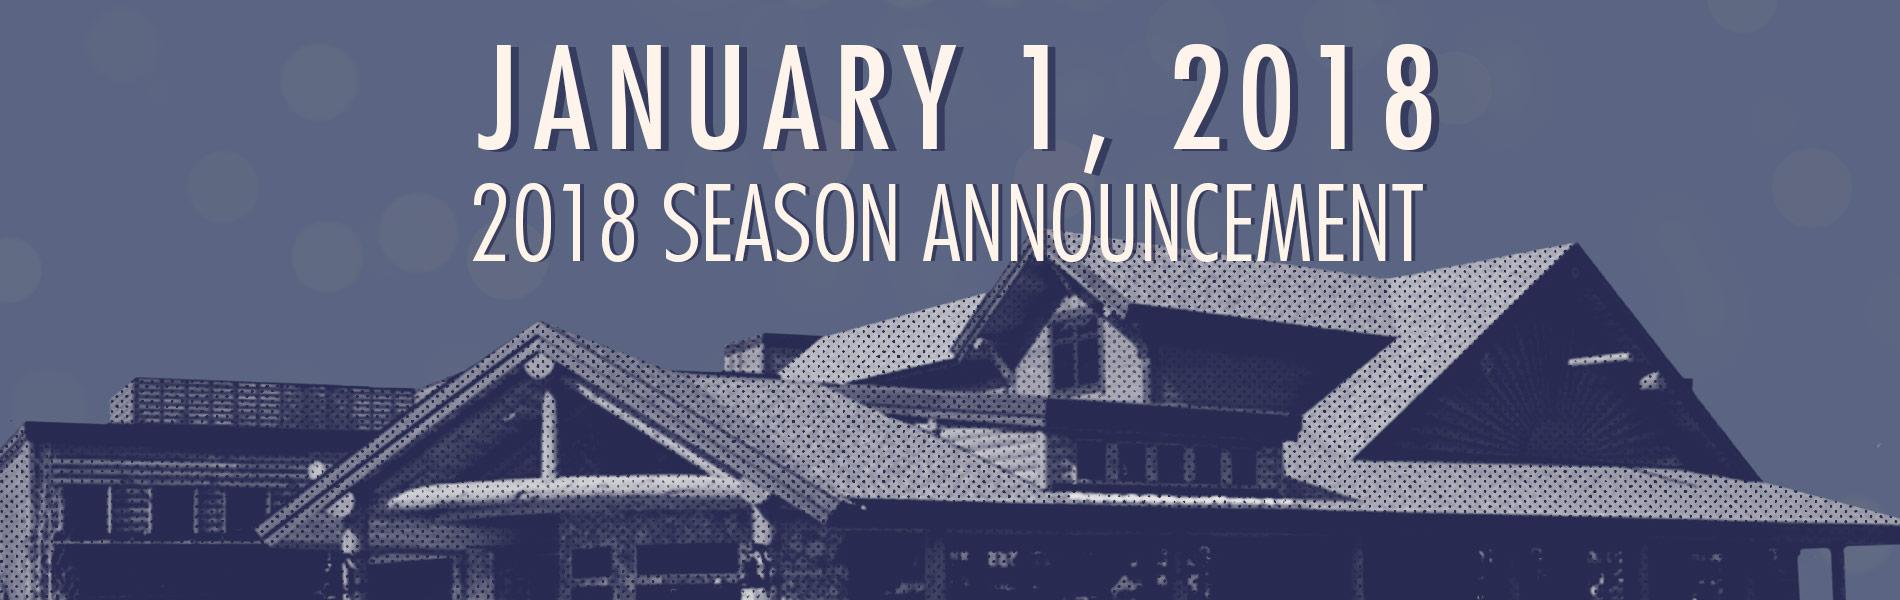 2018 Season Announcement